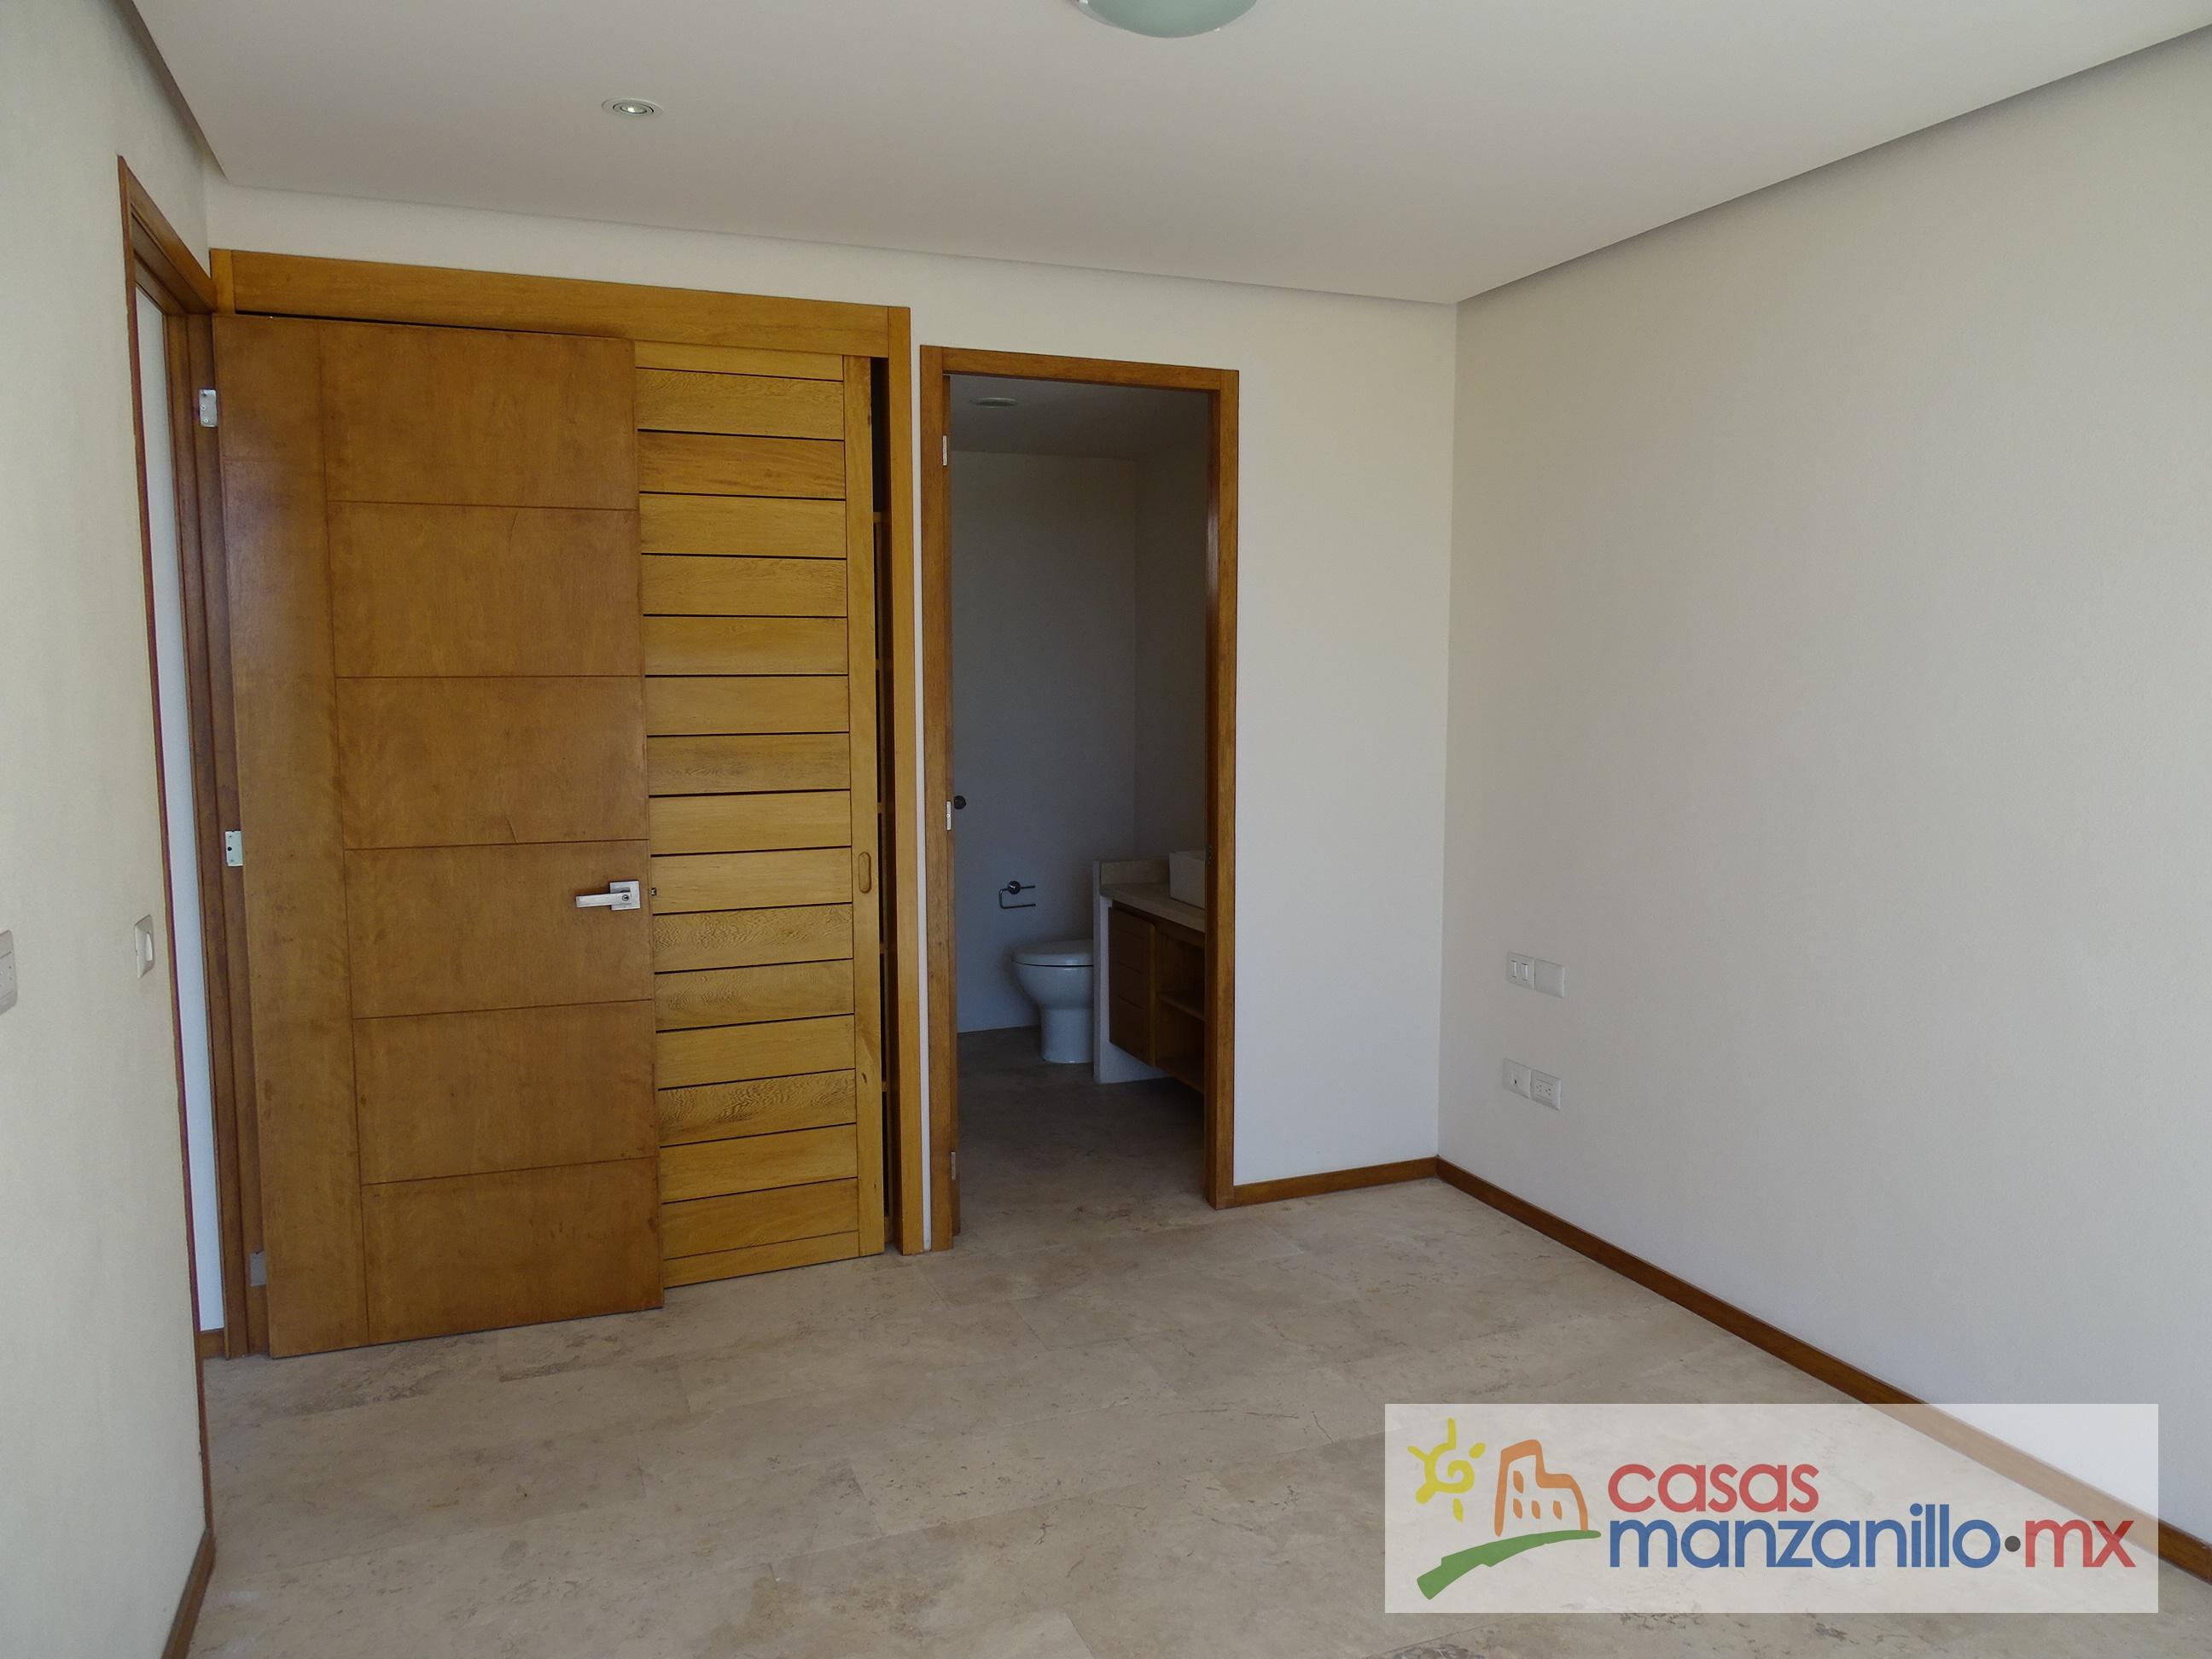 Departamentos RENTA Manzanillo  - Galapa